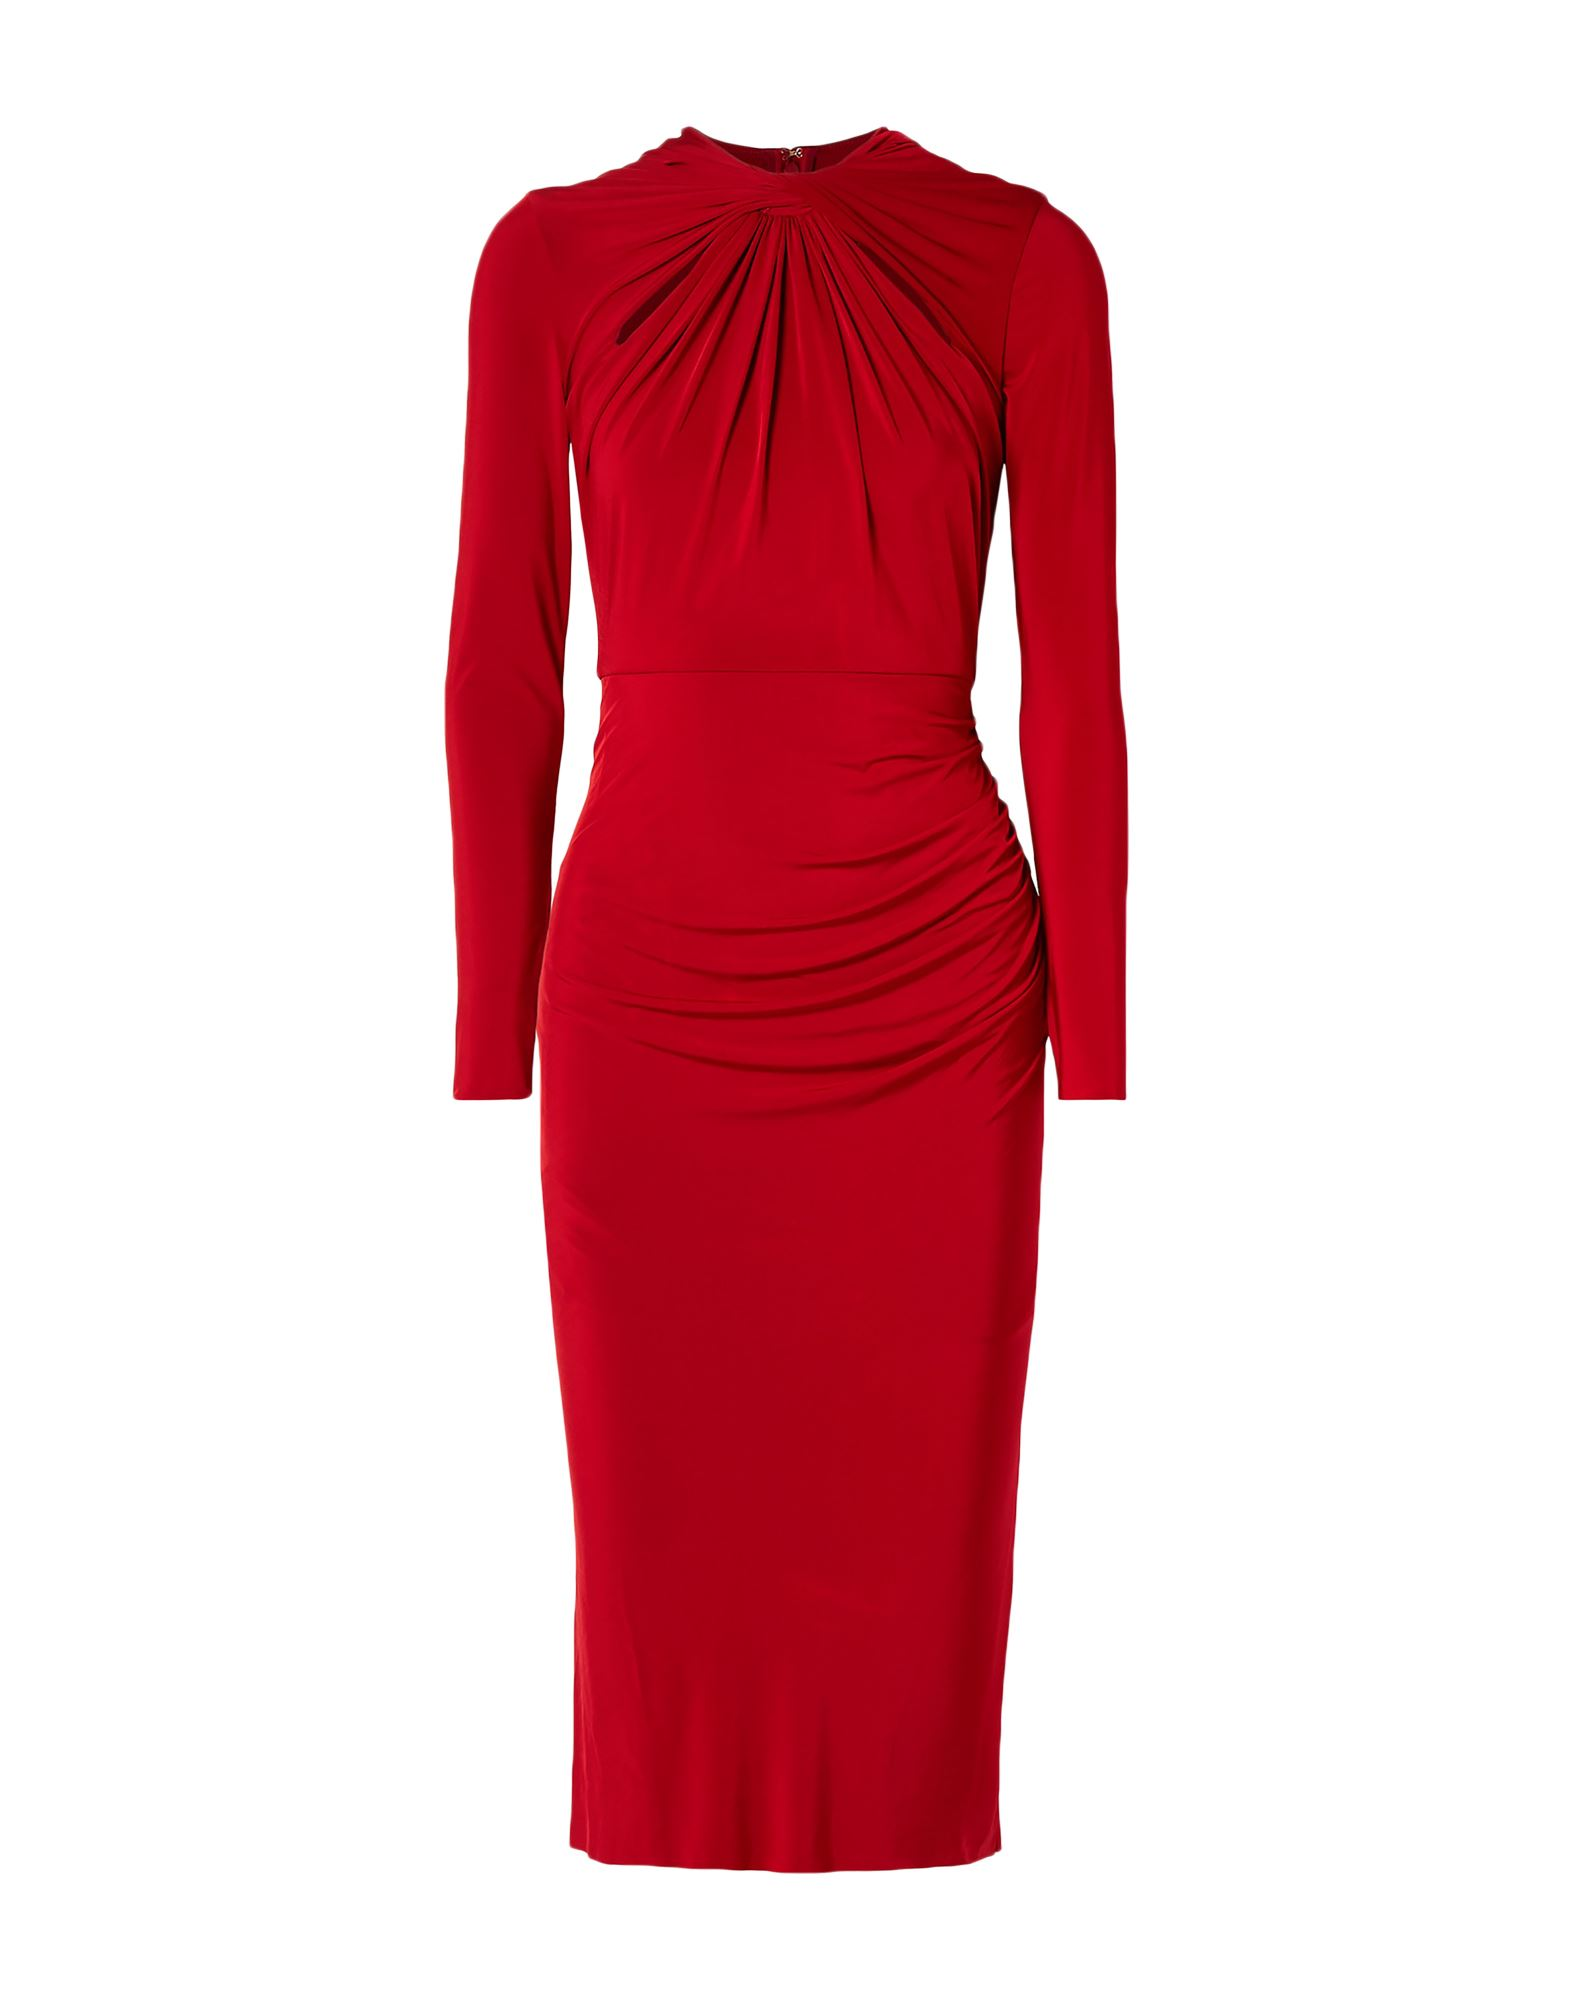 Фото - JASON WU COLLECTION Платье длиной 3/4 jason wu collection юбка длиной 3 4